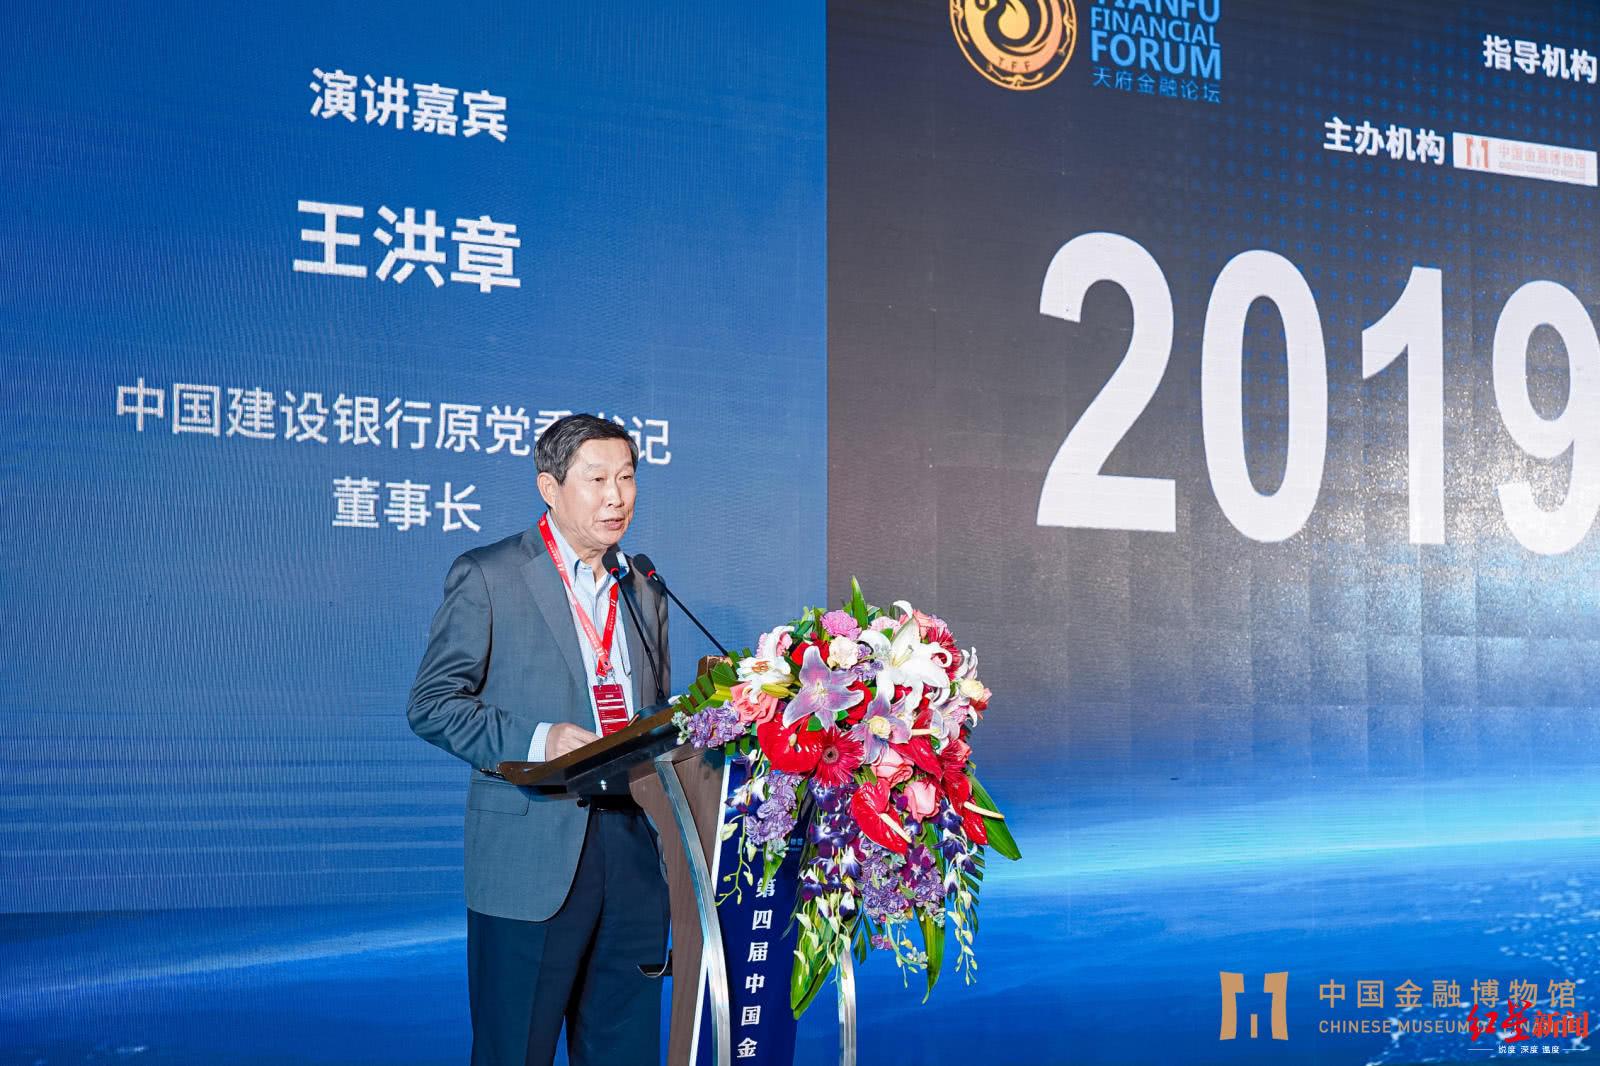 建行原董事长王洪章:金融创新要继续鼓励,但也要严格监管